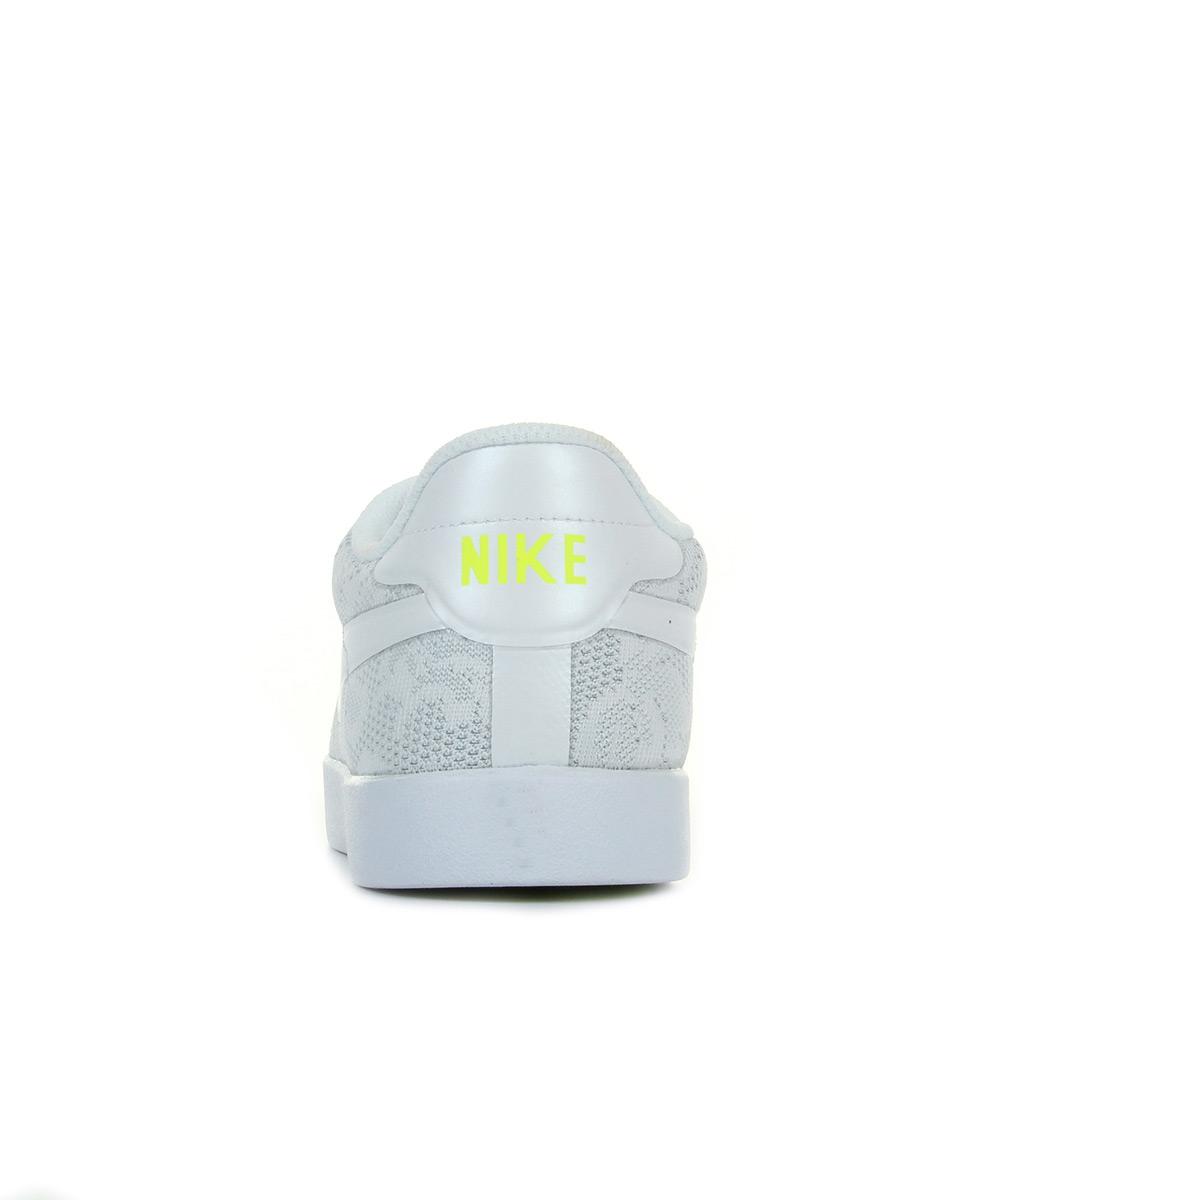 Nike Racquette 17 Eng 902860100, Baskets mode femme